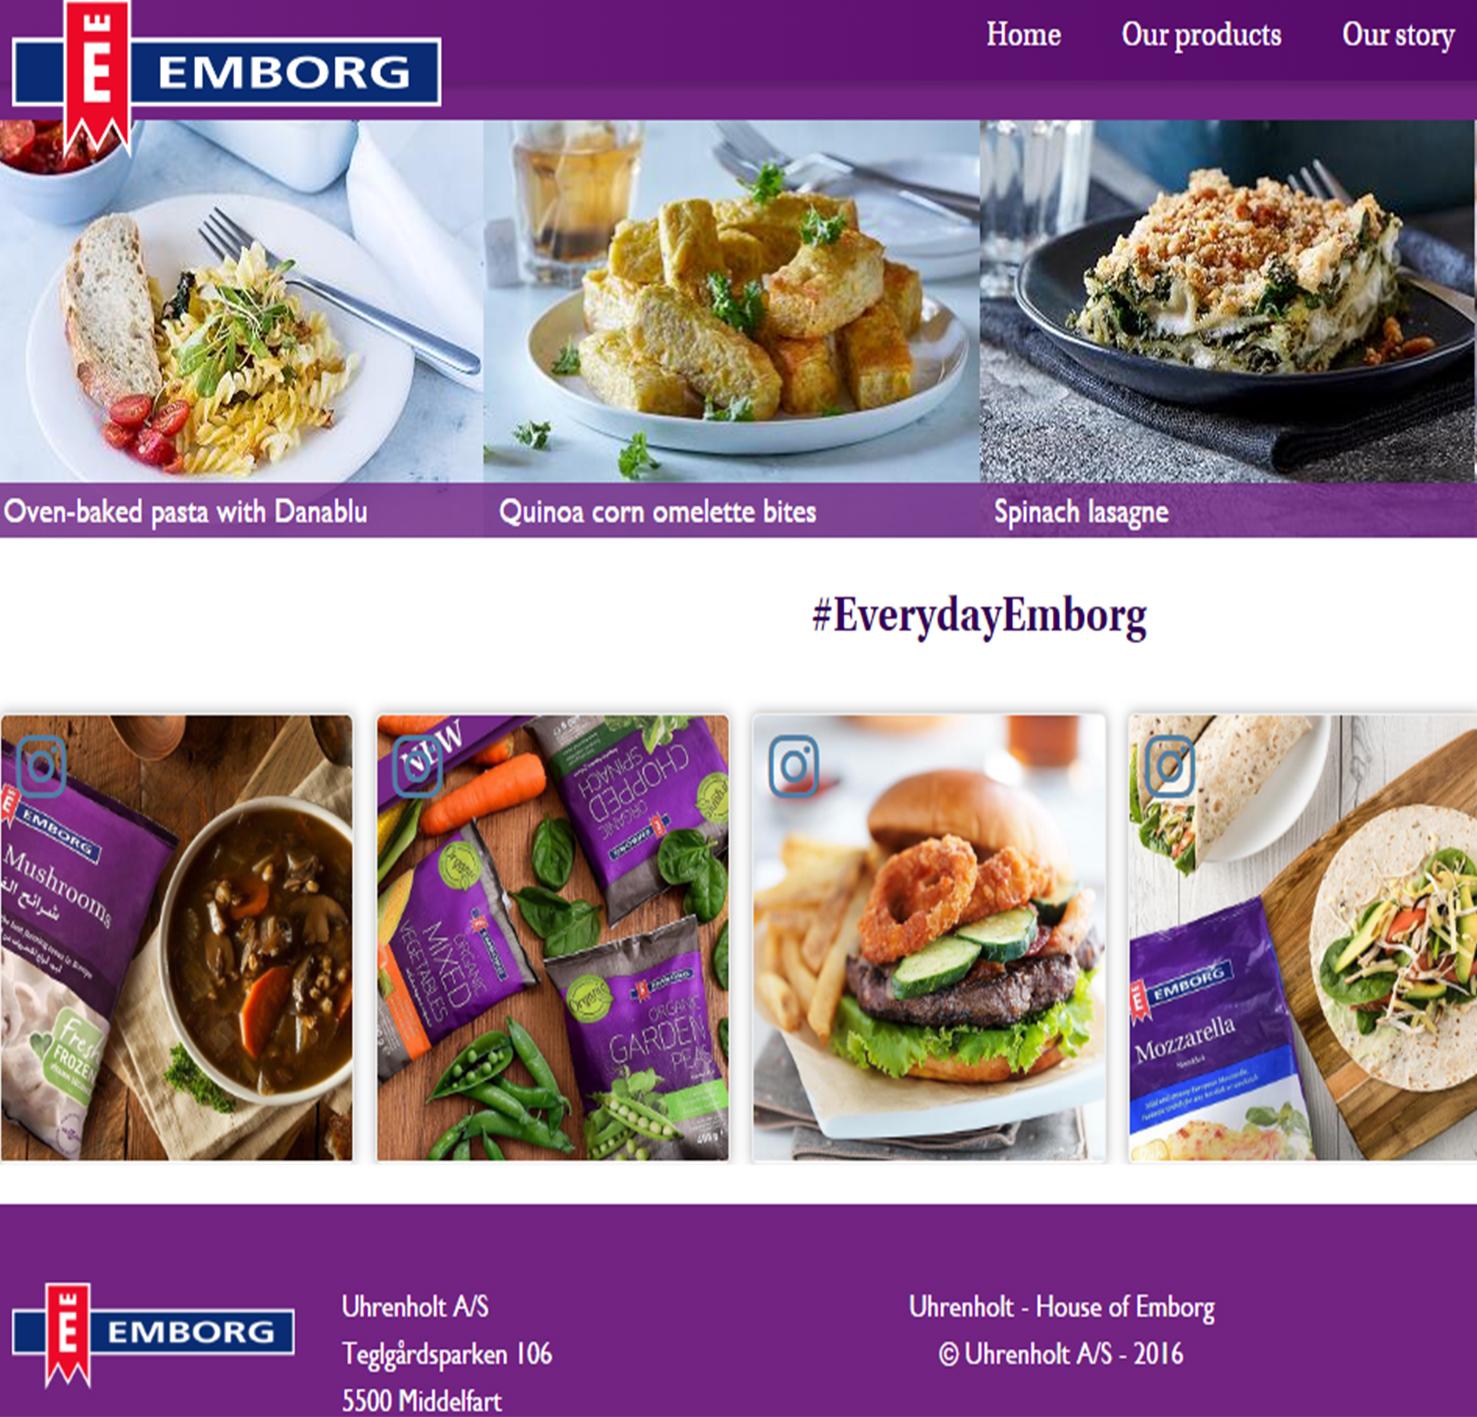 L'alliance entre social wall et consommation a favorisé la promotionn de la marque et l'esthétique du site internet d'Emborg.